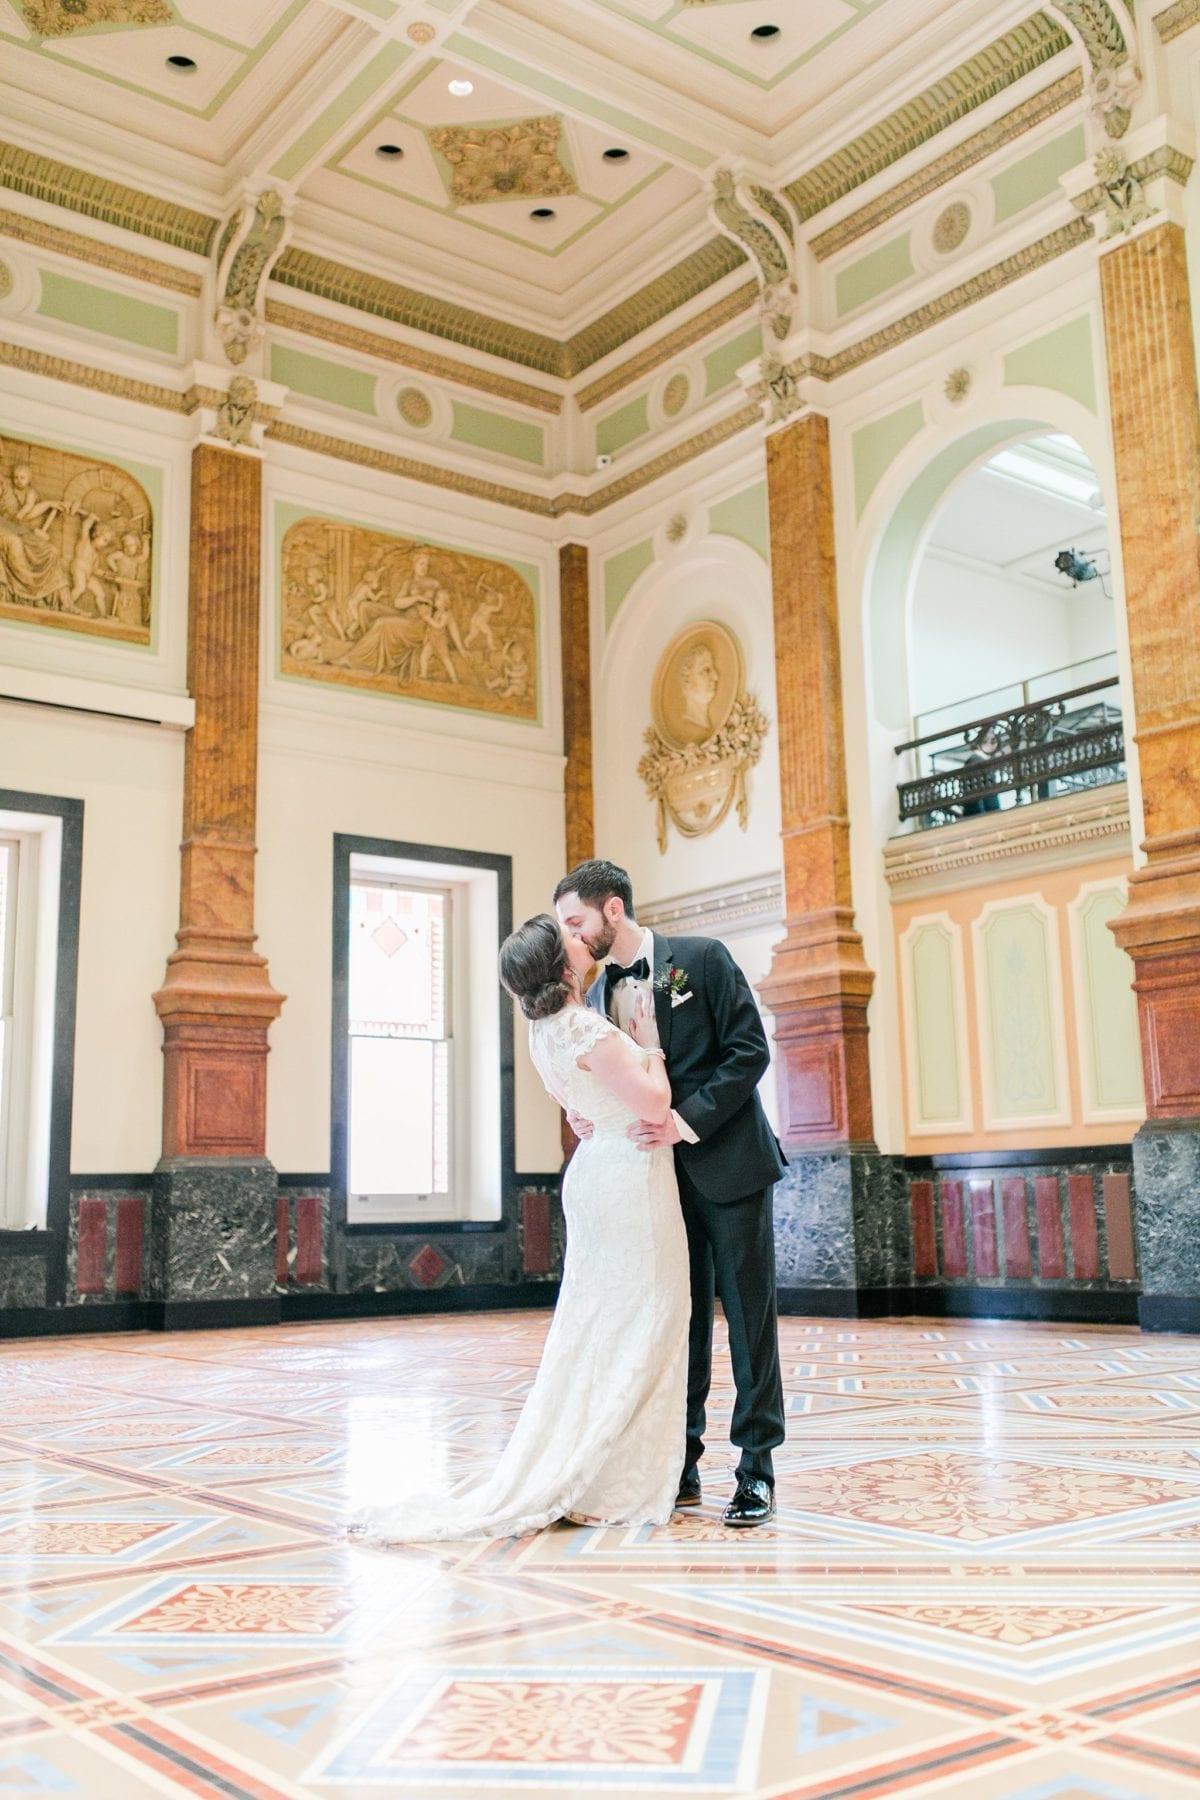 Hotel Monaco Washington DC Wedding Photos Megan Kelsey Photography Erin & Mike -148